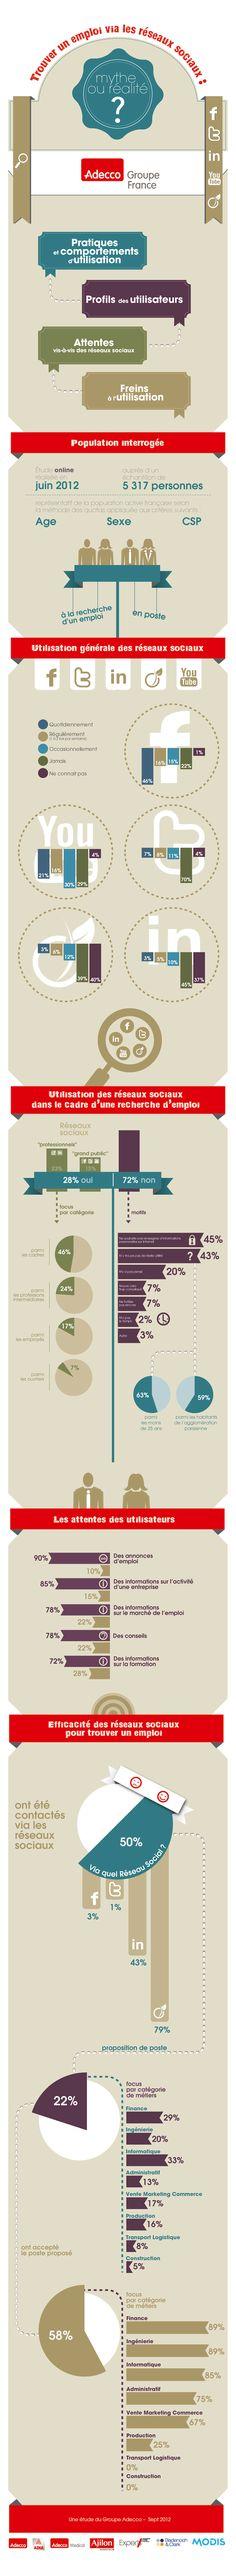 Utilisation des réseaux sociaux dans le cadre d'une recherche d'emploi en France.